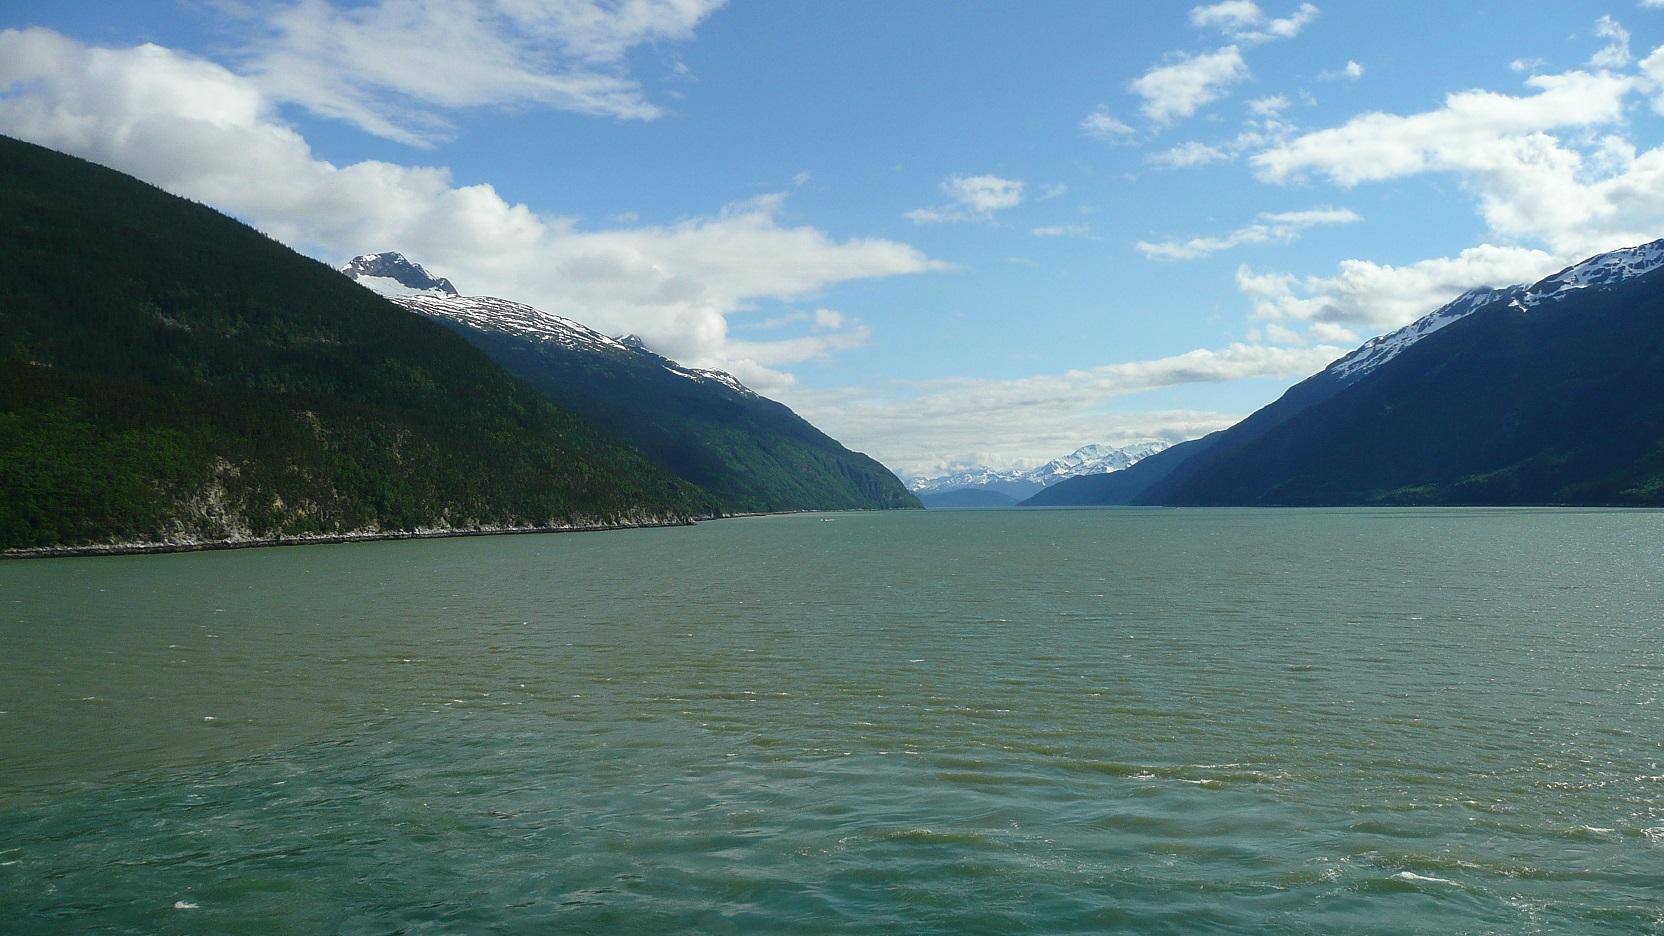 mountains in Taiya Inlet by Skagway Alaska